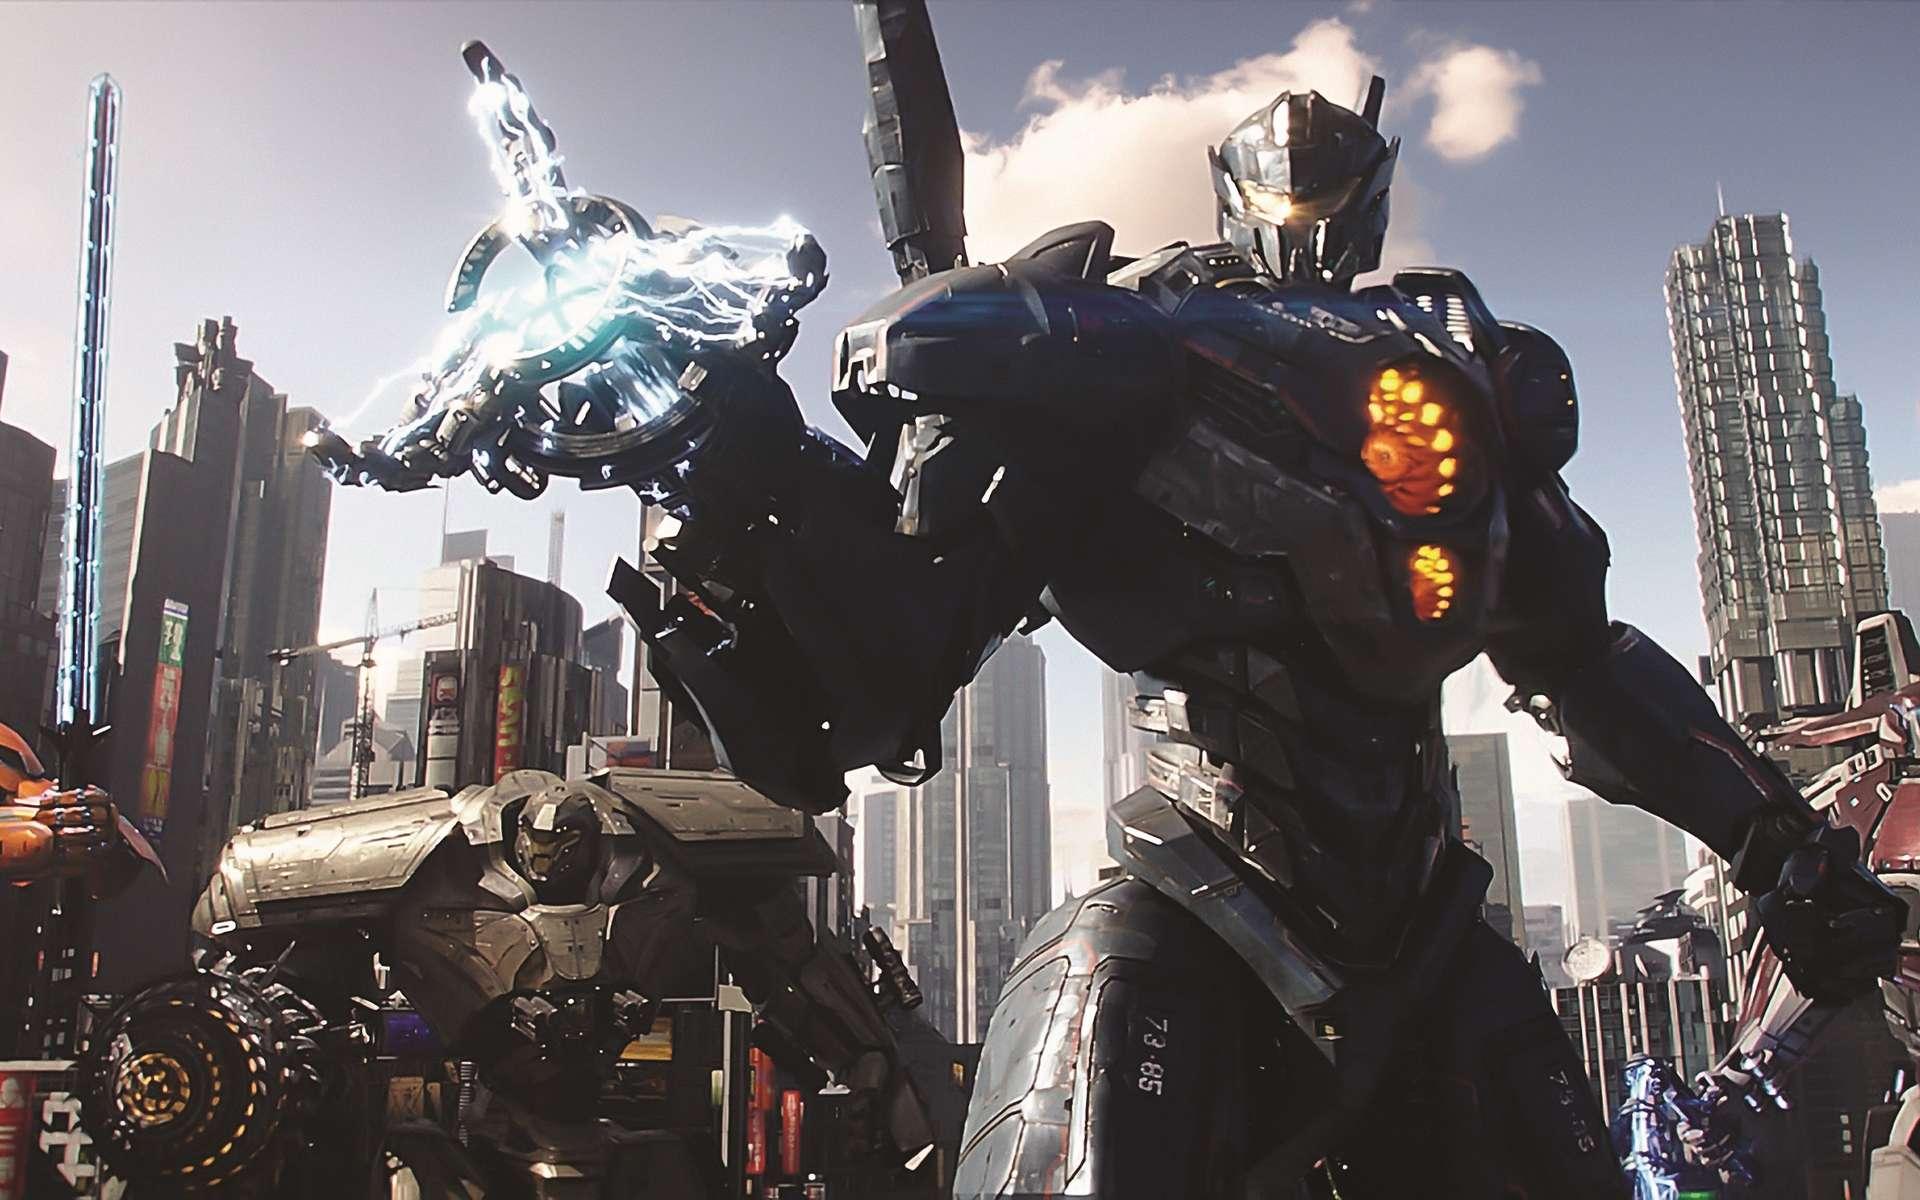 Les Jaeger (de l'allemand « chasseur ») de Pacific Rim : Uprising sont des robots géants. Deux pilotes reliés par télépathie les contrôlent par la pensée. © Universal Pictures International France